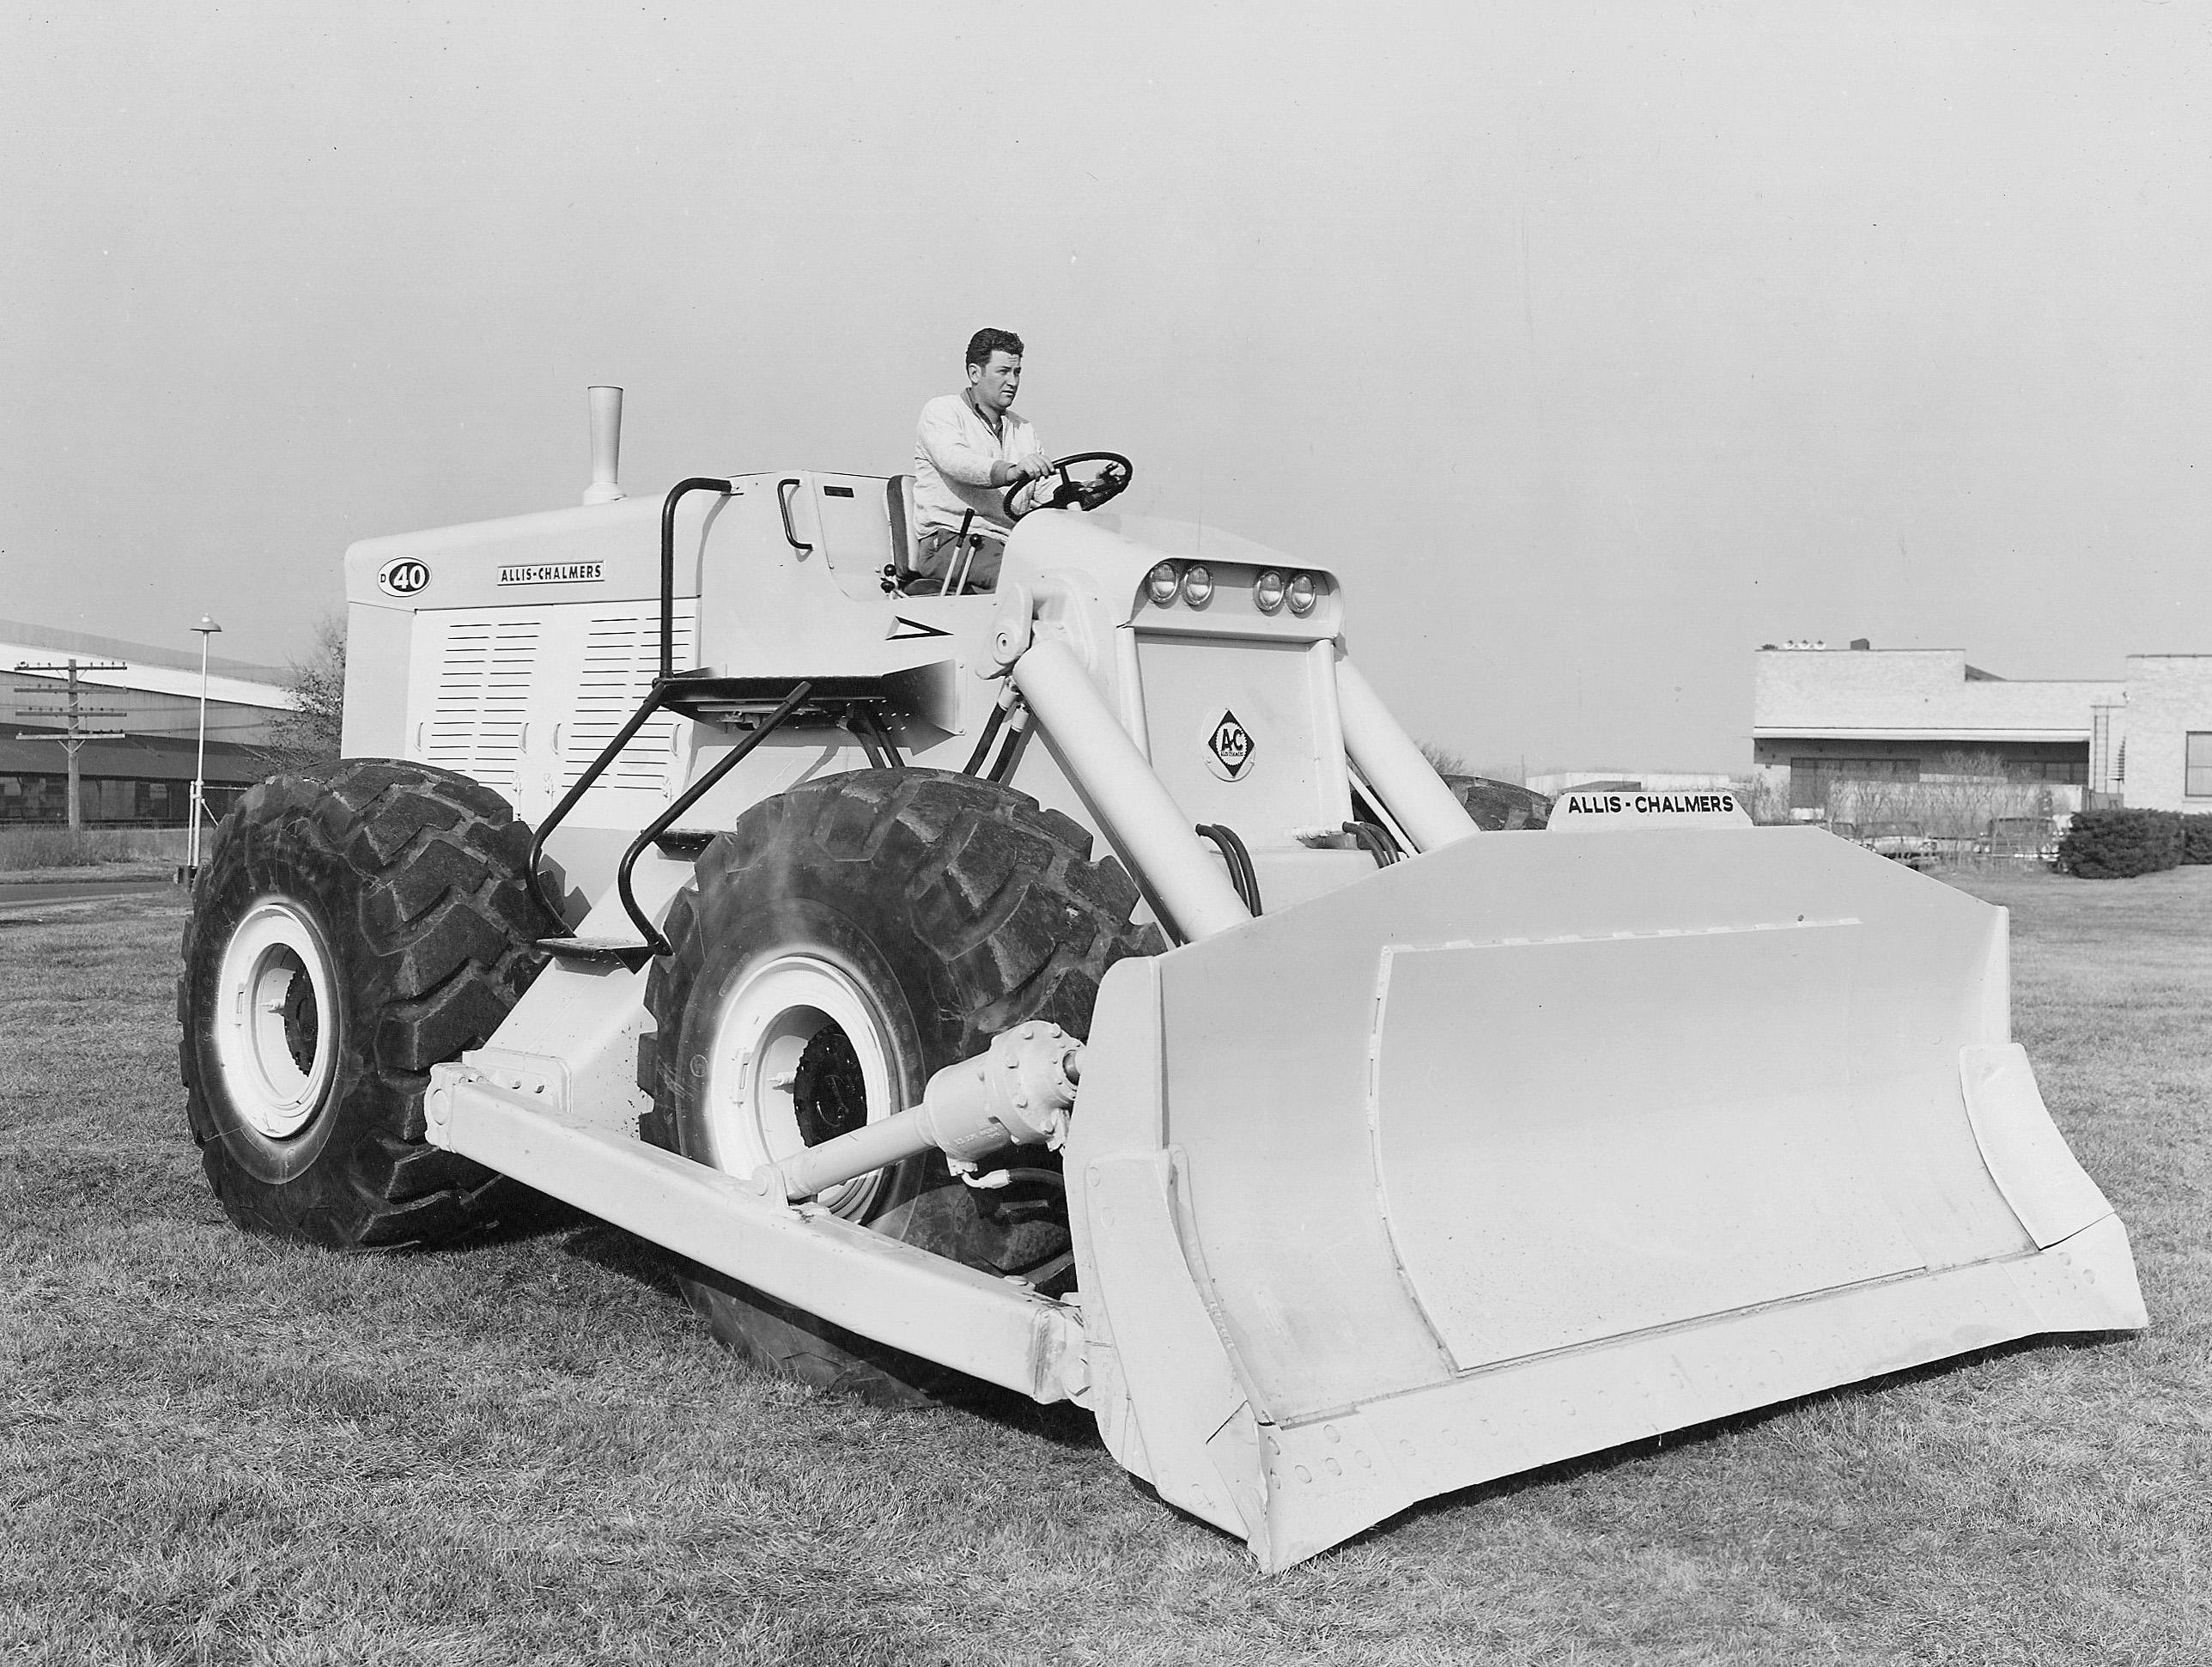 bulldozer caricatore cingolato combinazione Allis-chalmers-model-d-40-wheel-dozer-pit-quarry